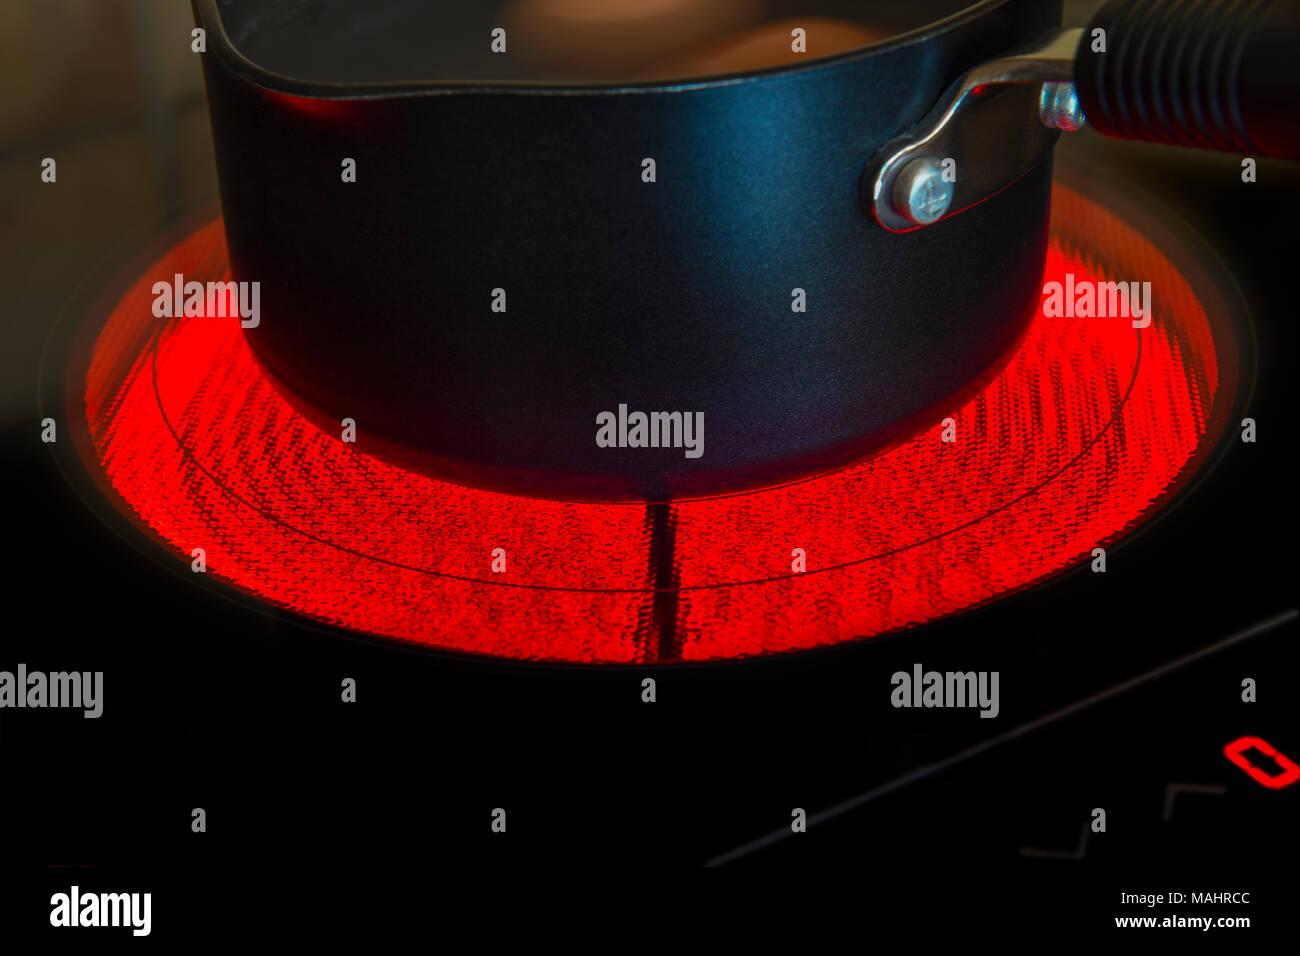 Auf eine leuchtende elektrische Keramik Kochfeld Topf Stockbild